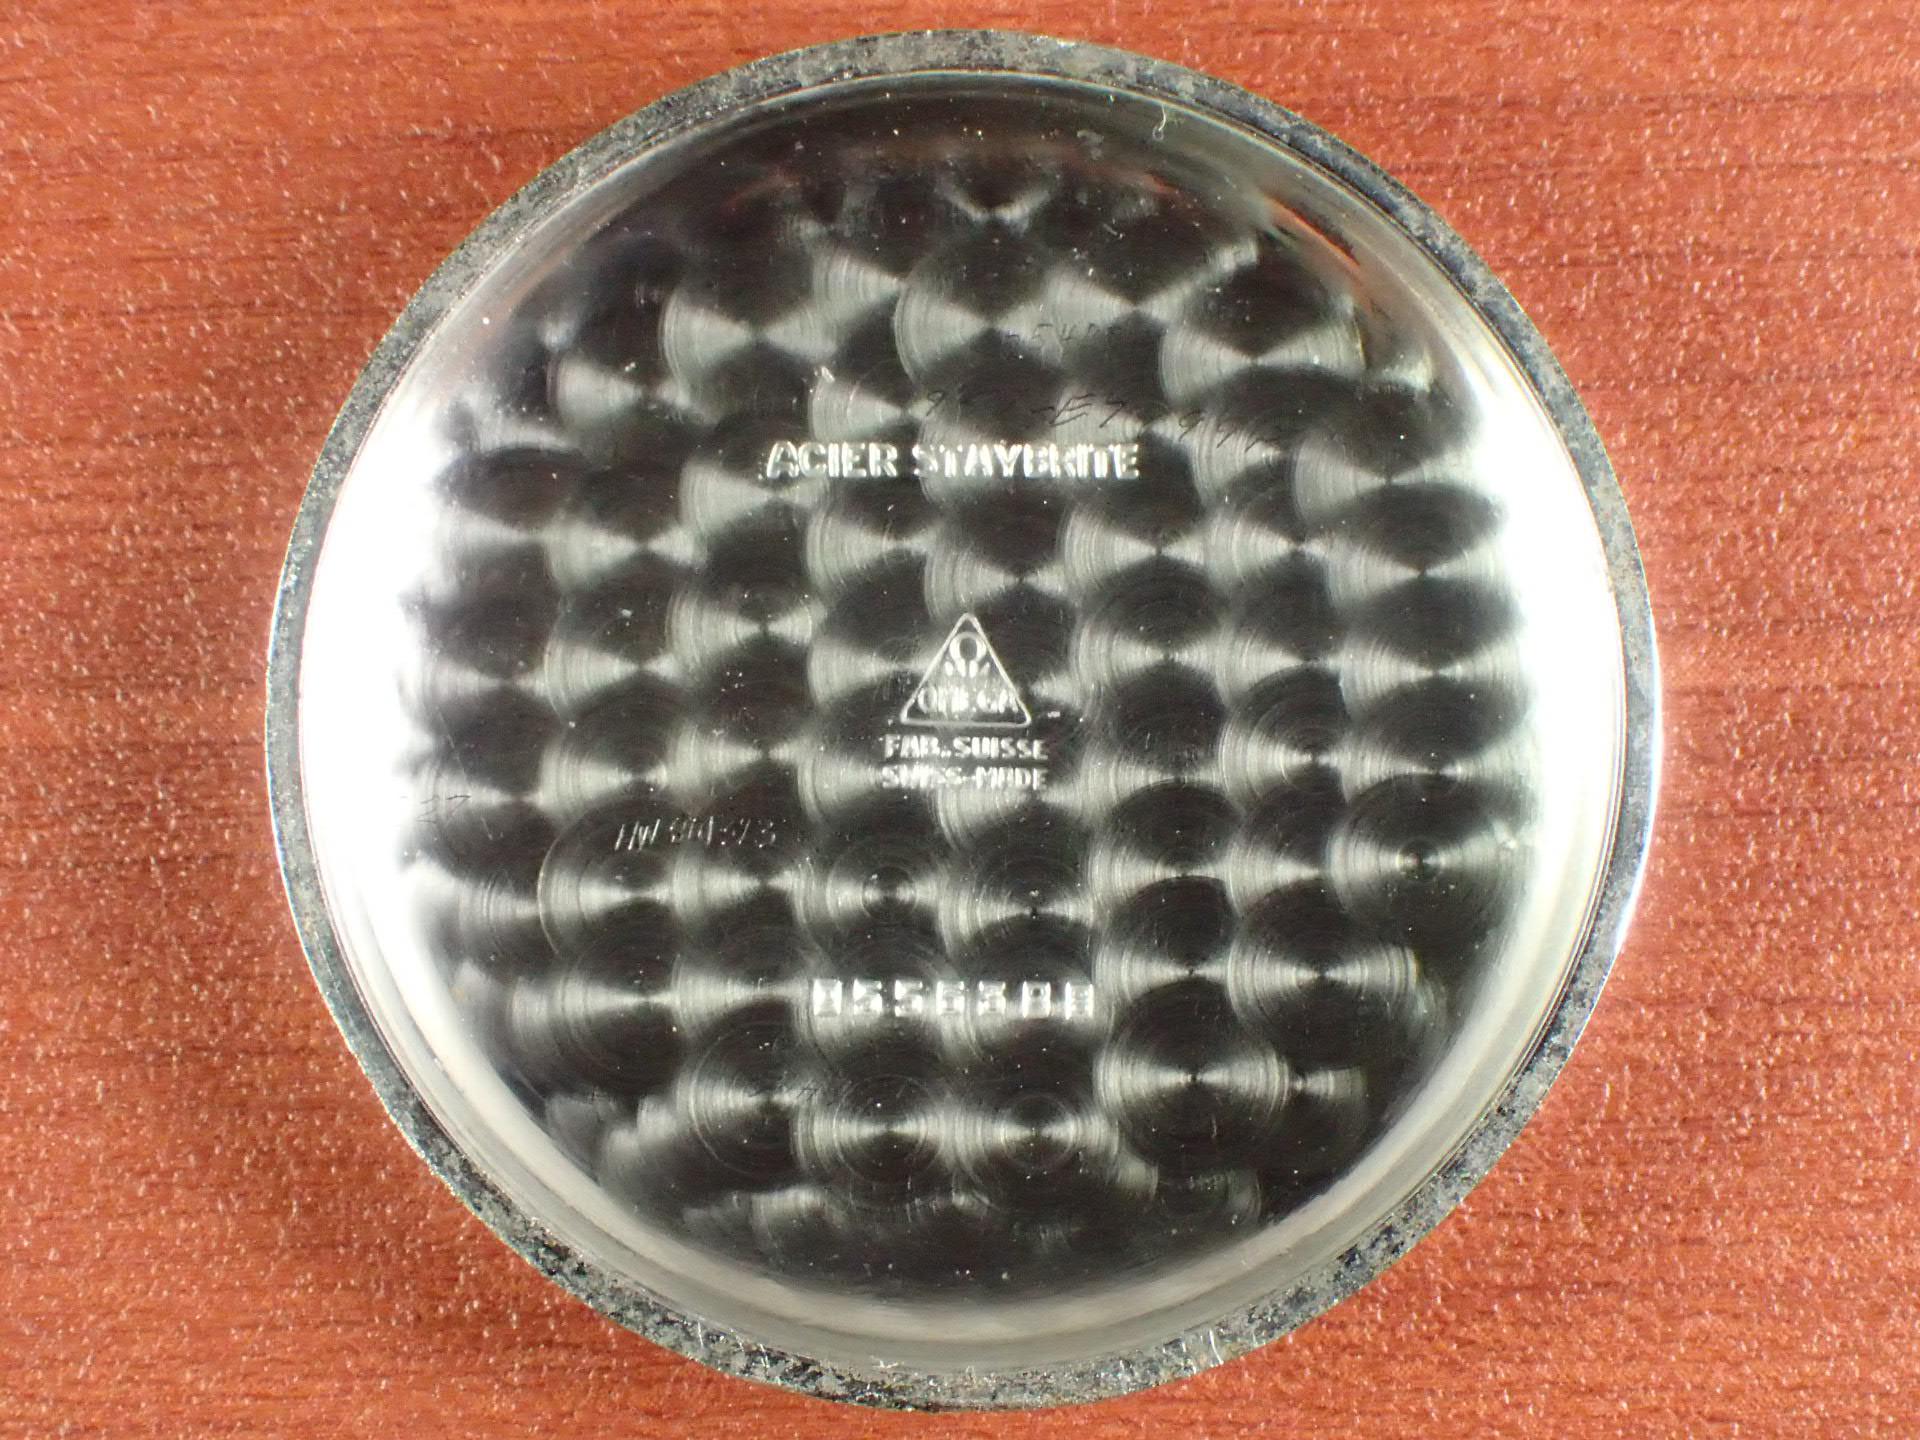 オメガ クロノグラフ Cal.33.3 CHRO T1 シリンダーケース 1940年代の写真6枚目